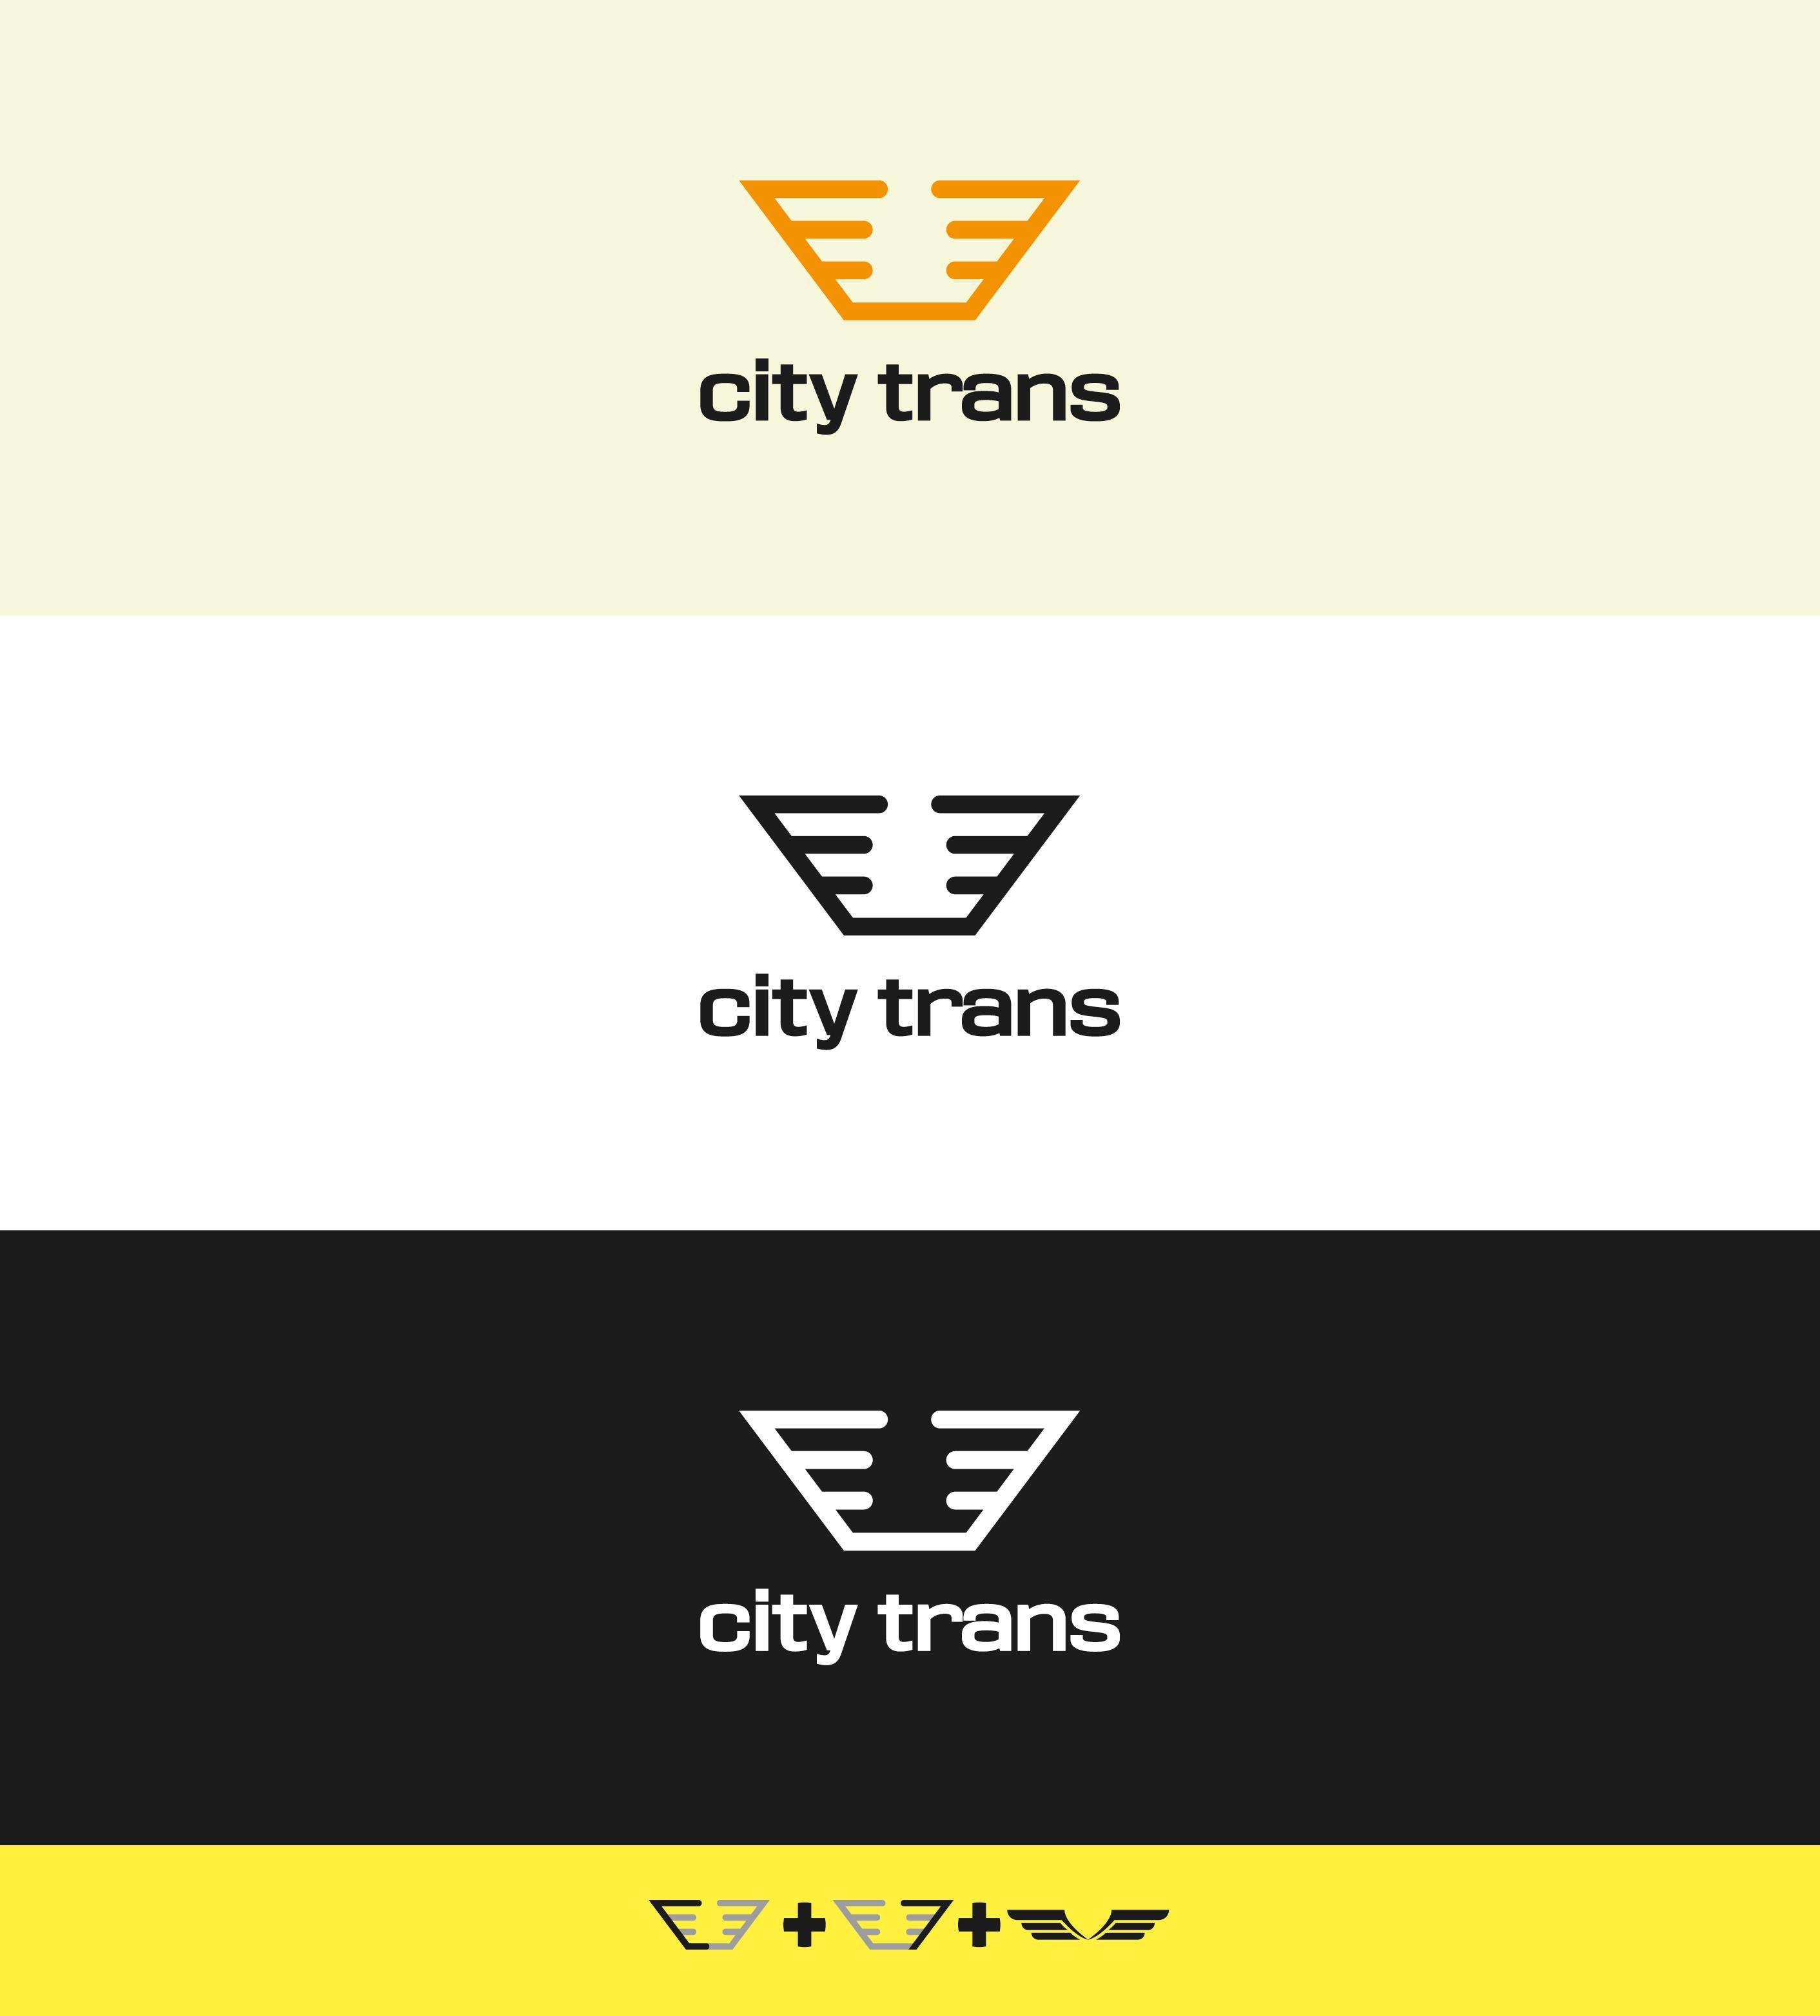 Разработка Логотипа транспортной компании фото f_7505e6fb64e66de1.jpg